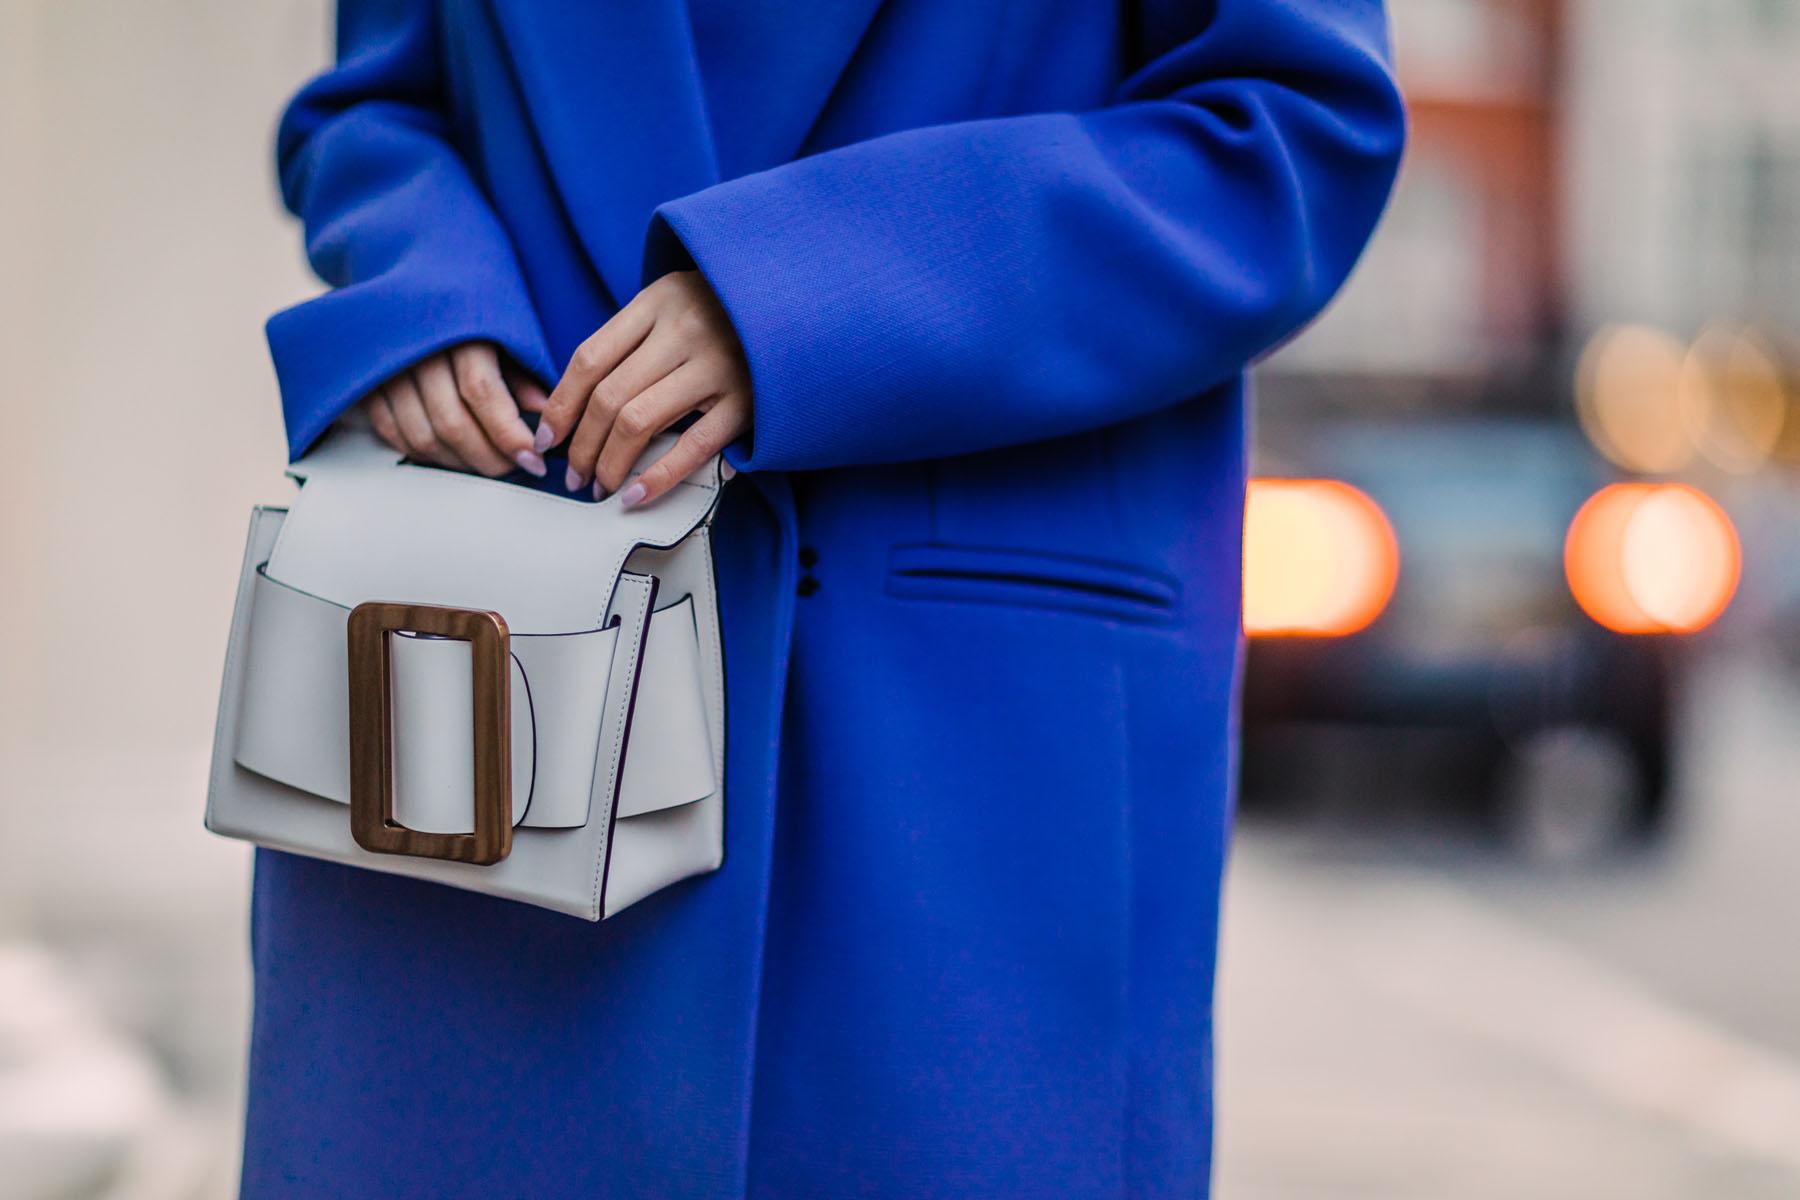 London Fashion Week Recap 2 - blue coat, white boots, purple pants, bold colors outfit, white accessories, white handbag // Notjessfashion.com